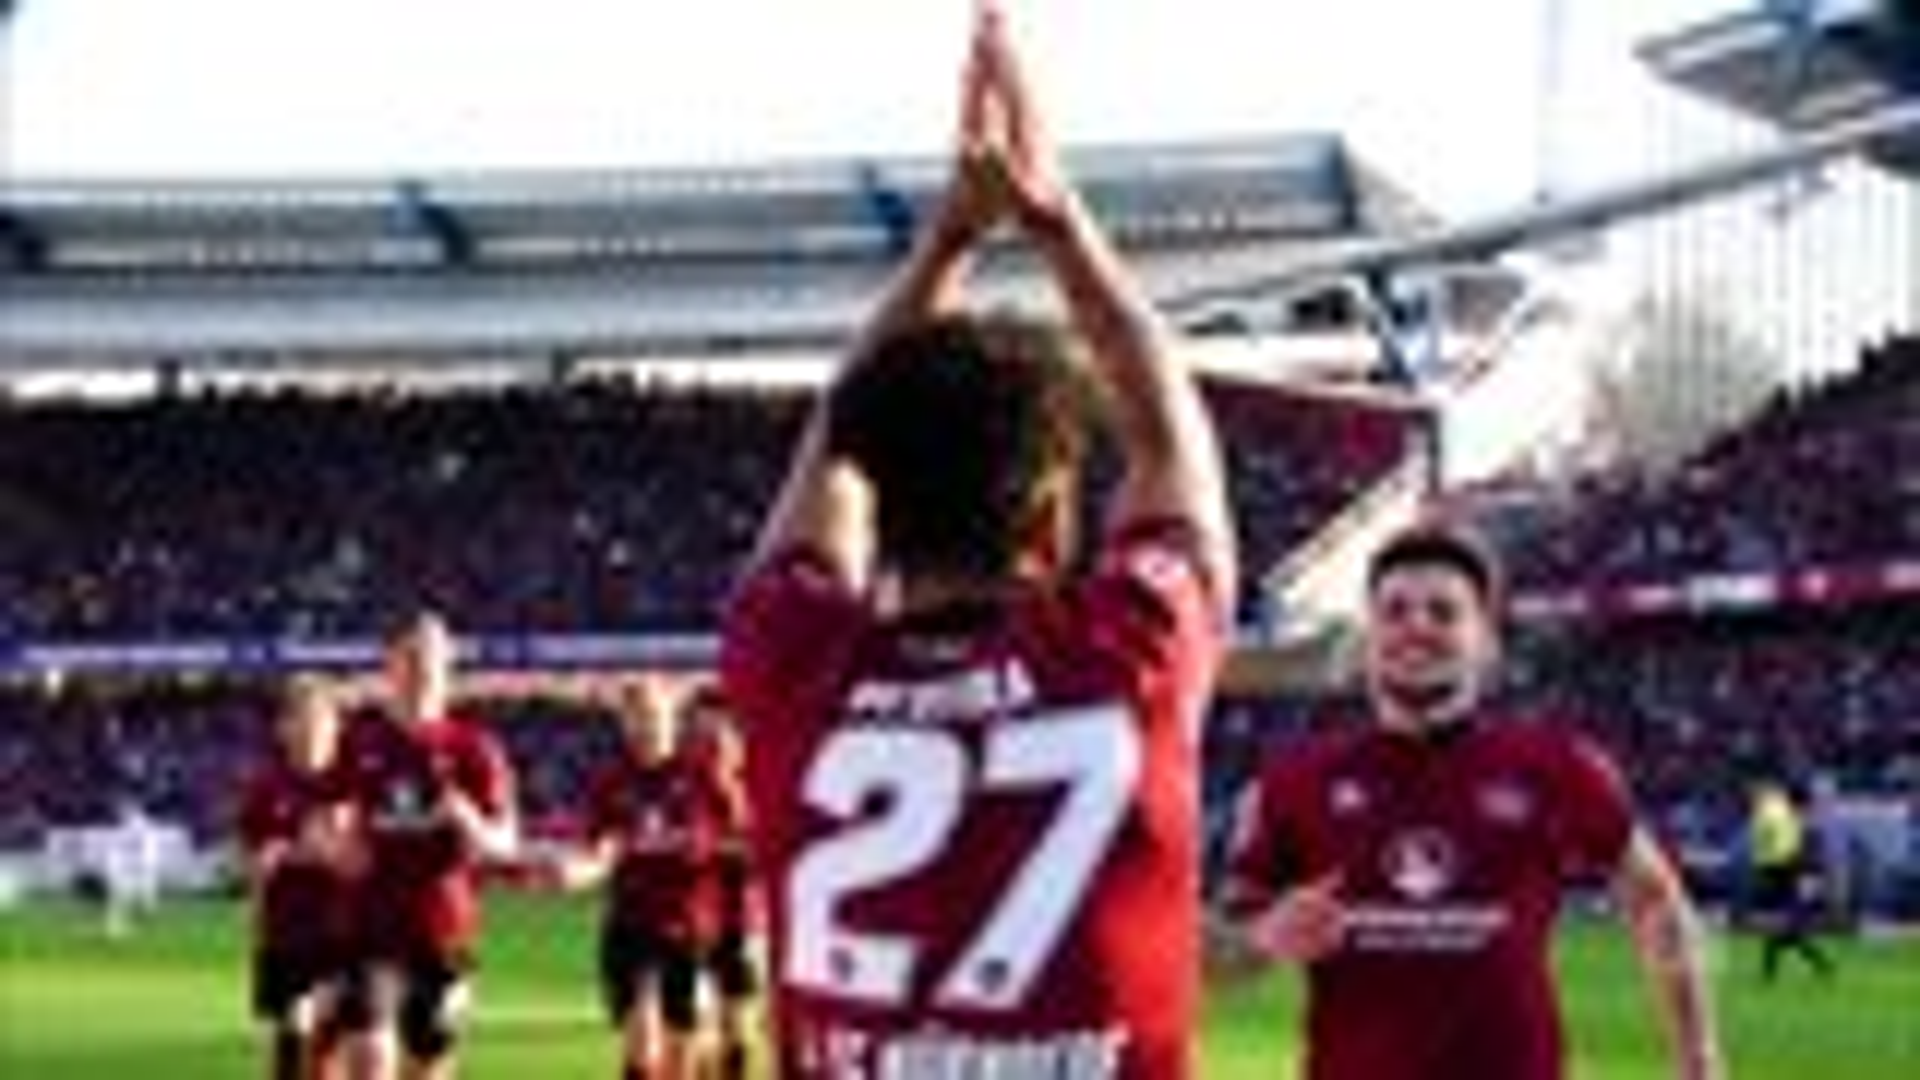 Rookie des Monats April: Pereira dreht in Nürnberg auf